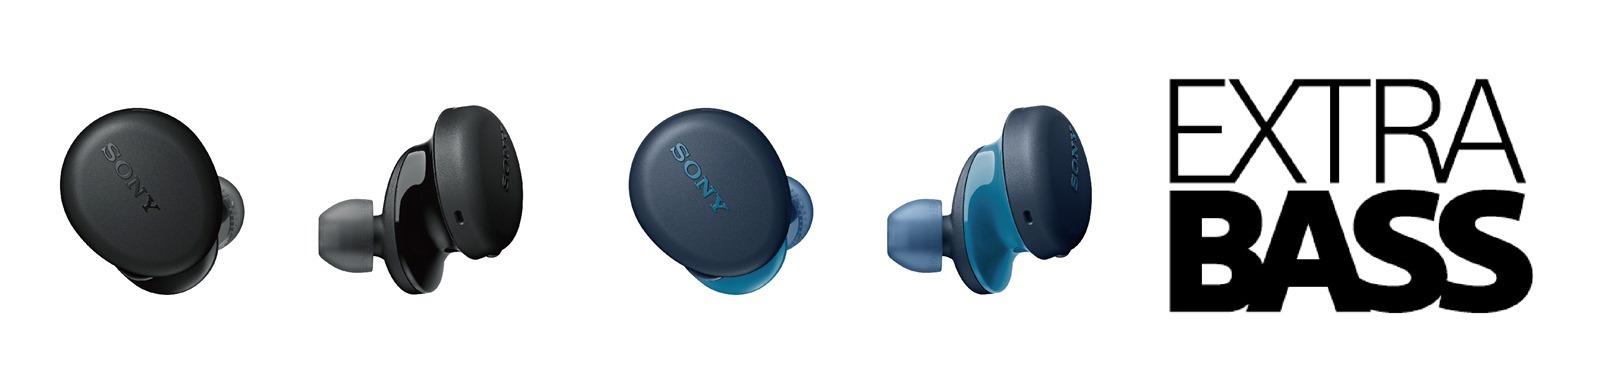 Sony WF-XB700 重低音真無線藍牙耳機初登場!EXTRA BASS 重力節拍勢不可擋 IPX4 防水設計動靜皆宜 @3C 達人廖阿輝